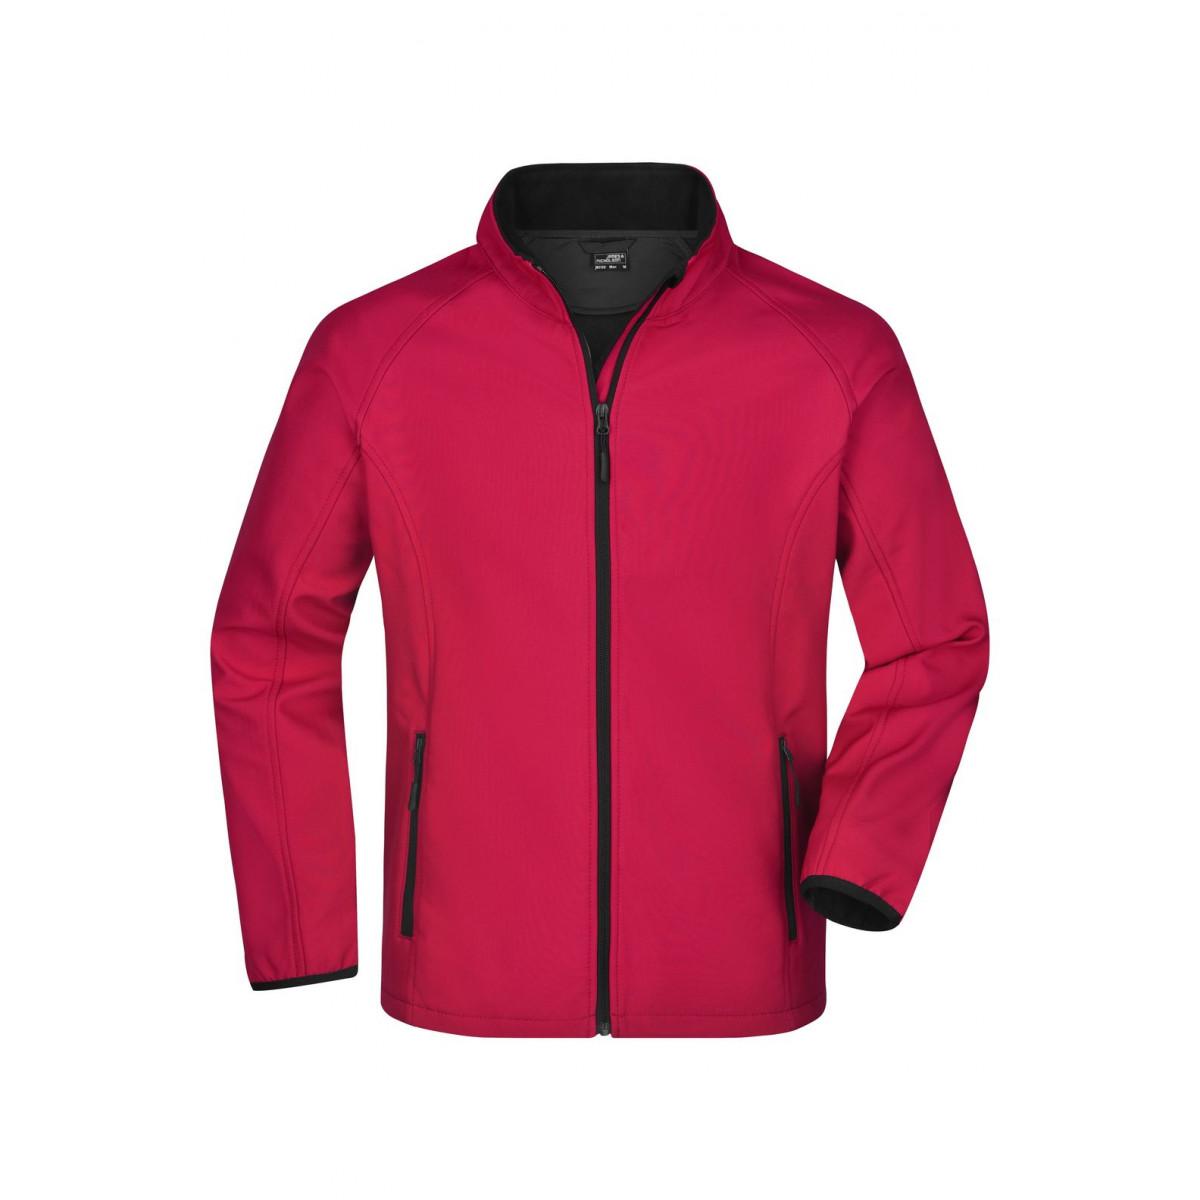 Куртка мужская JN1130 Mens Promo Softshell Jacket - Красный/Черный